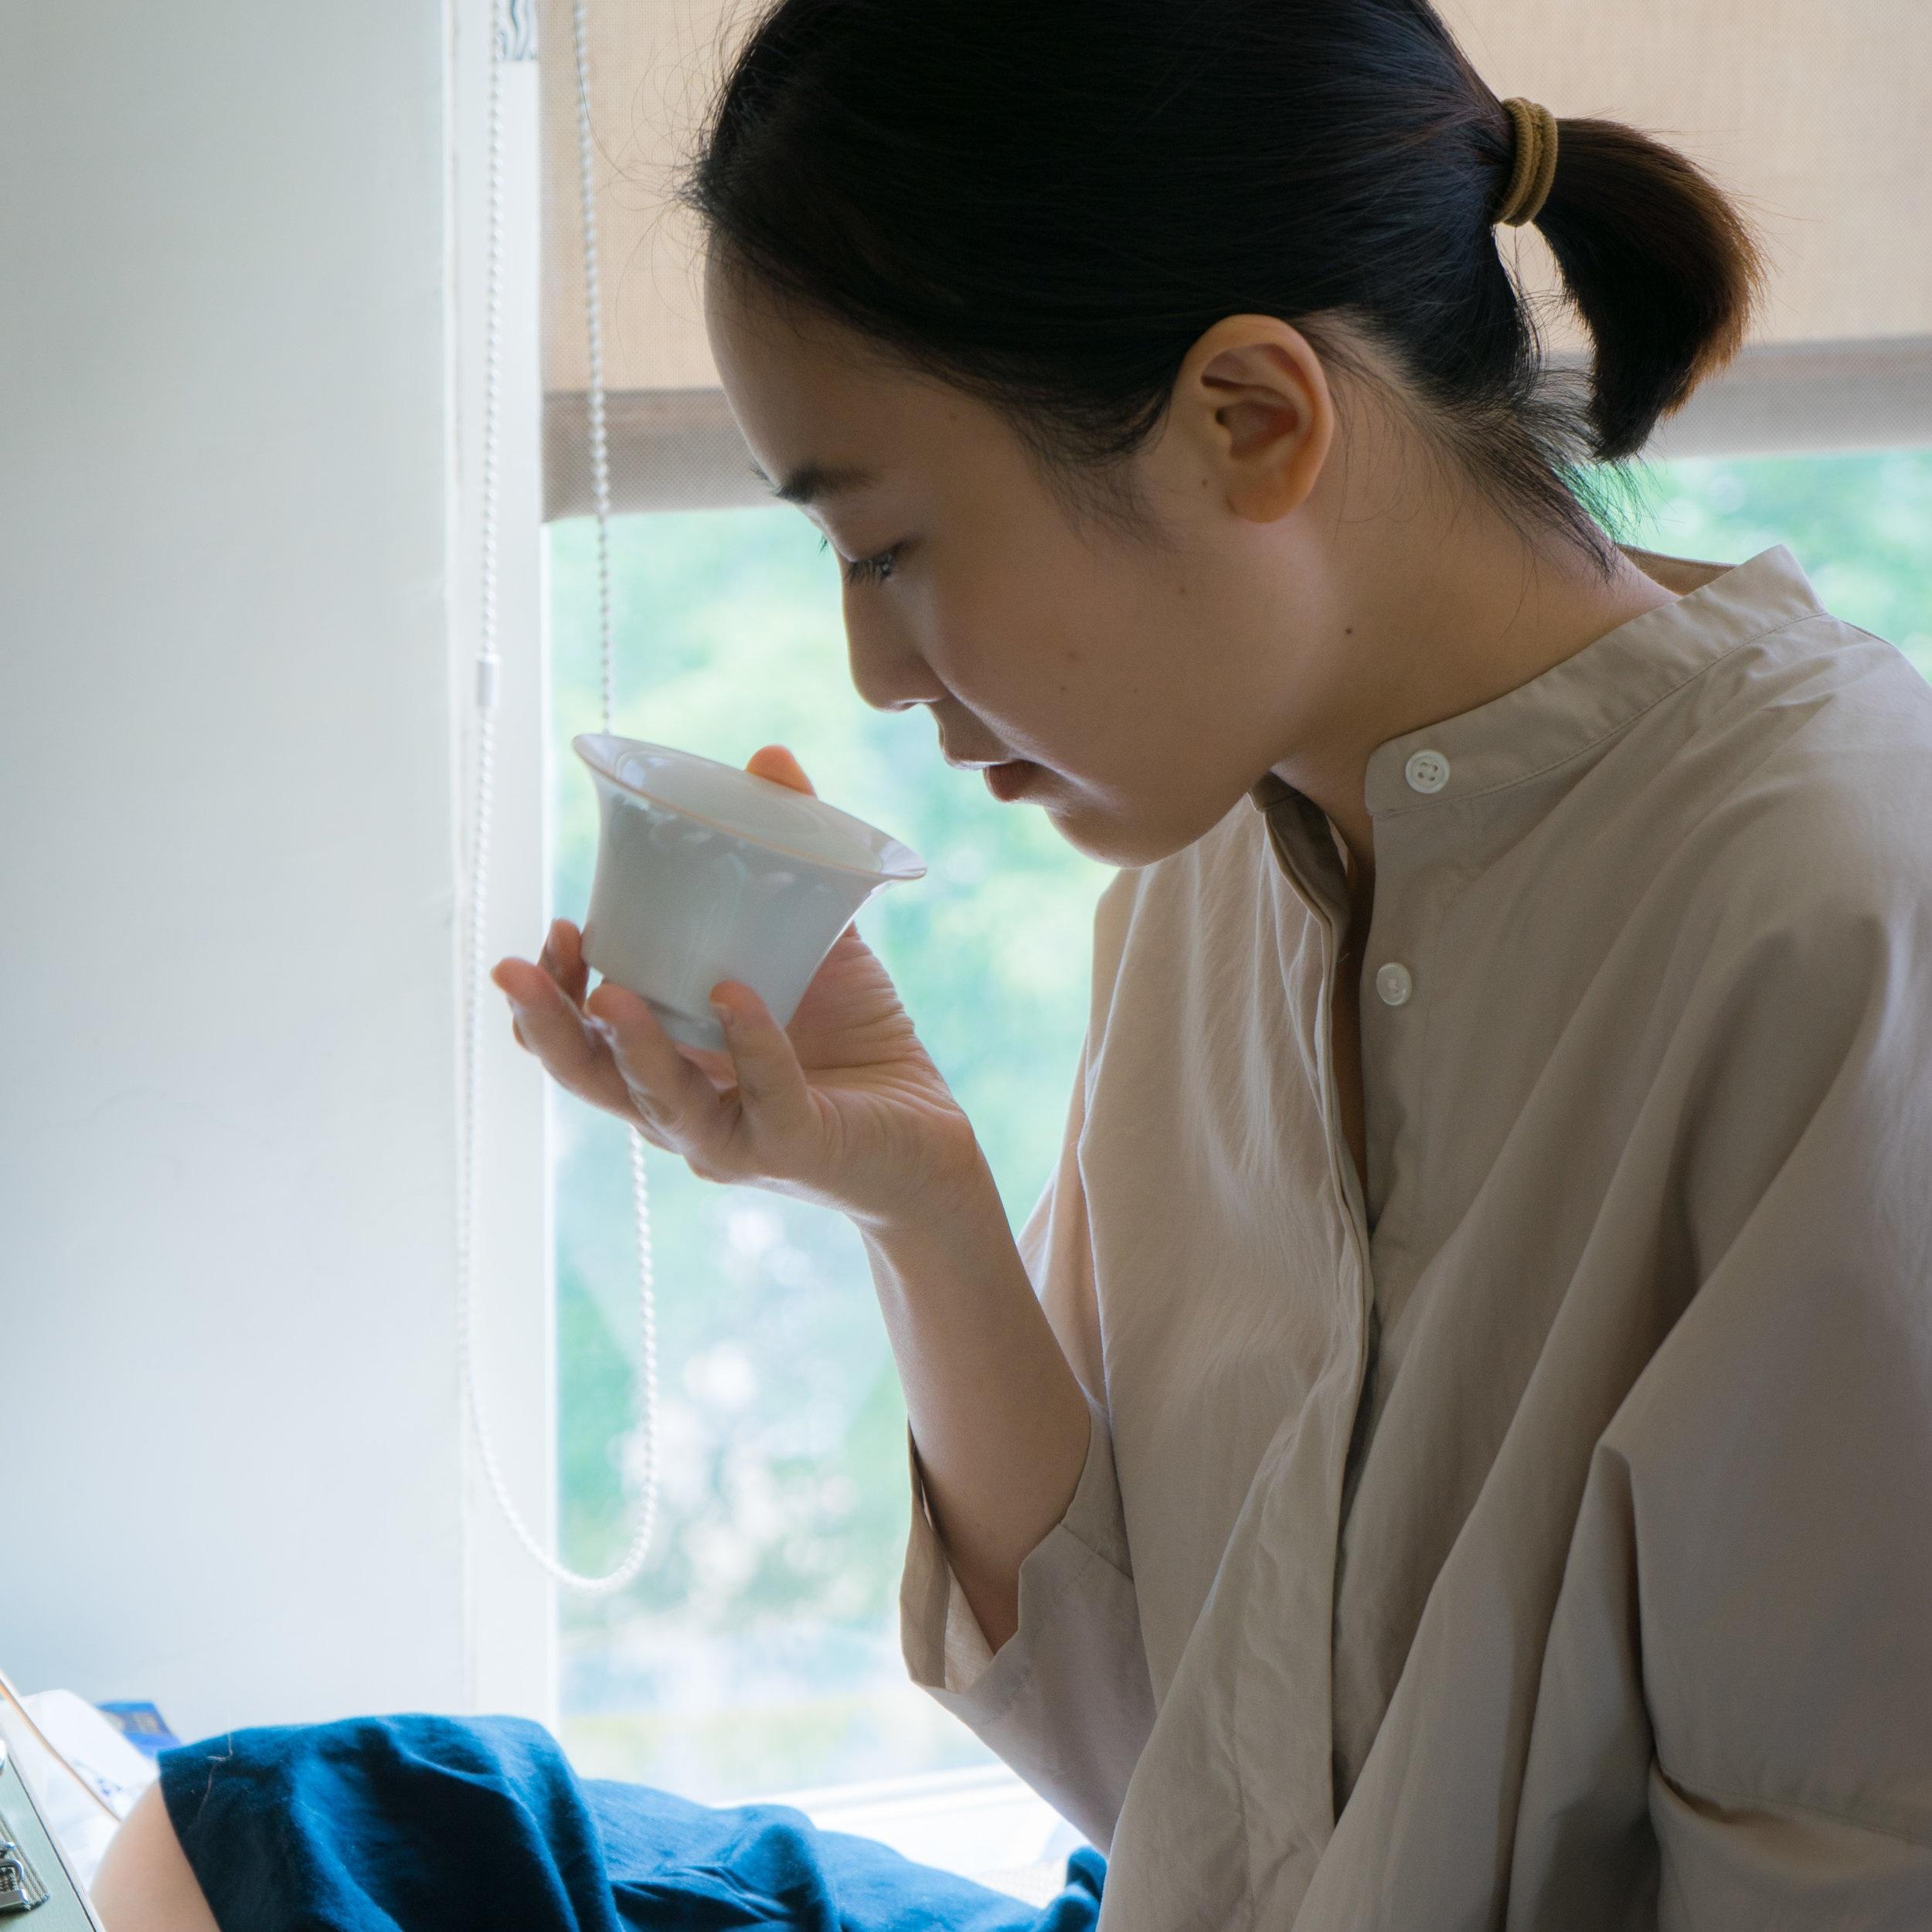 Joan的美,融合沈著專注的態度,冷靜內斂的氣質,似乎體現了日本茶道的「和、敬、清、寂」